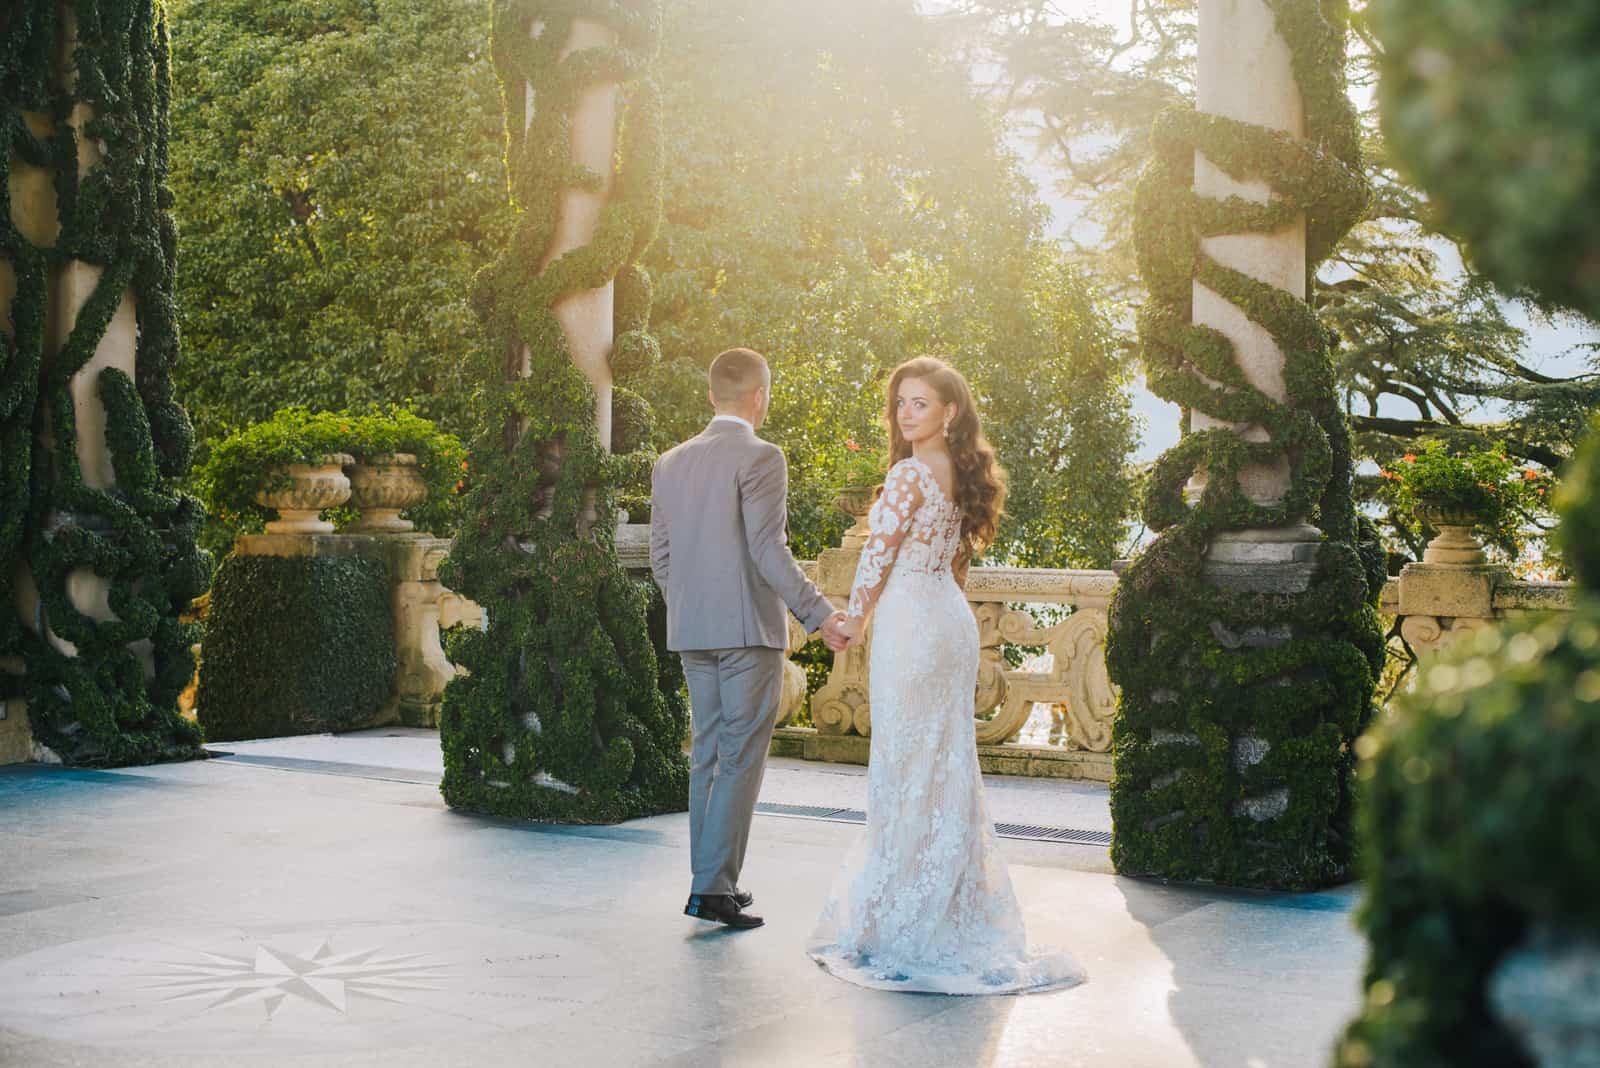 Hochzeit Fotoshooting schönes Paar Braut und Bräutigam